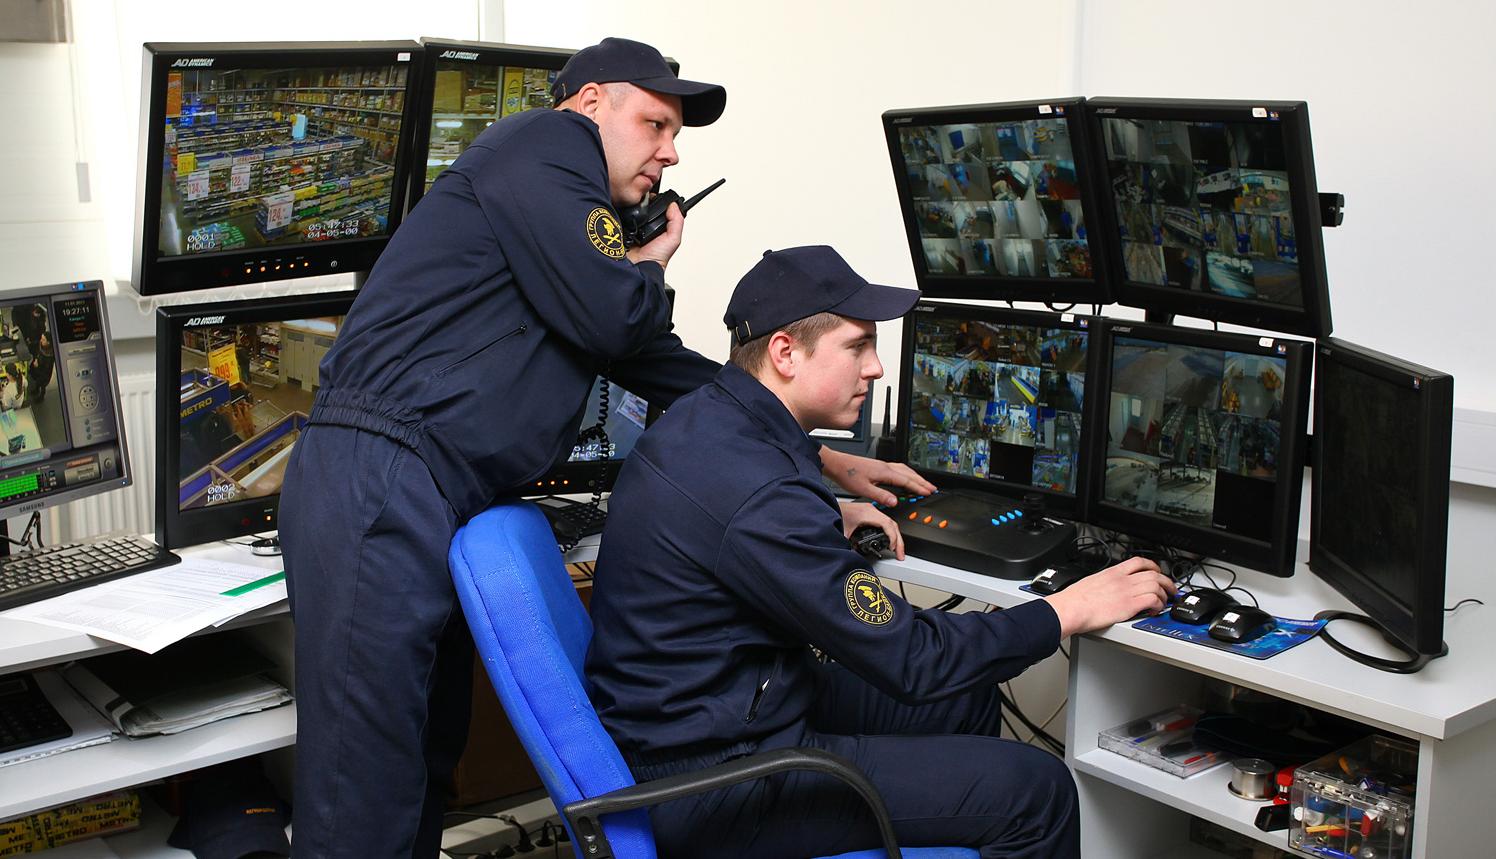 Чоп русь вакансии в москве вахтовым методом